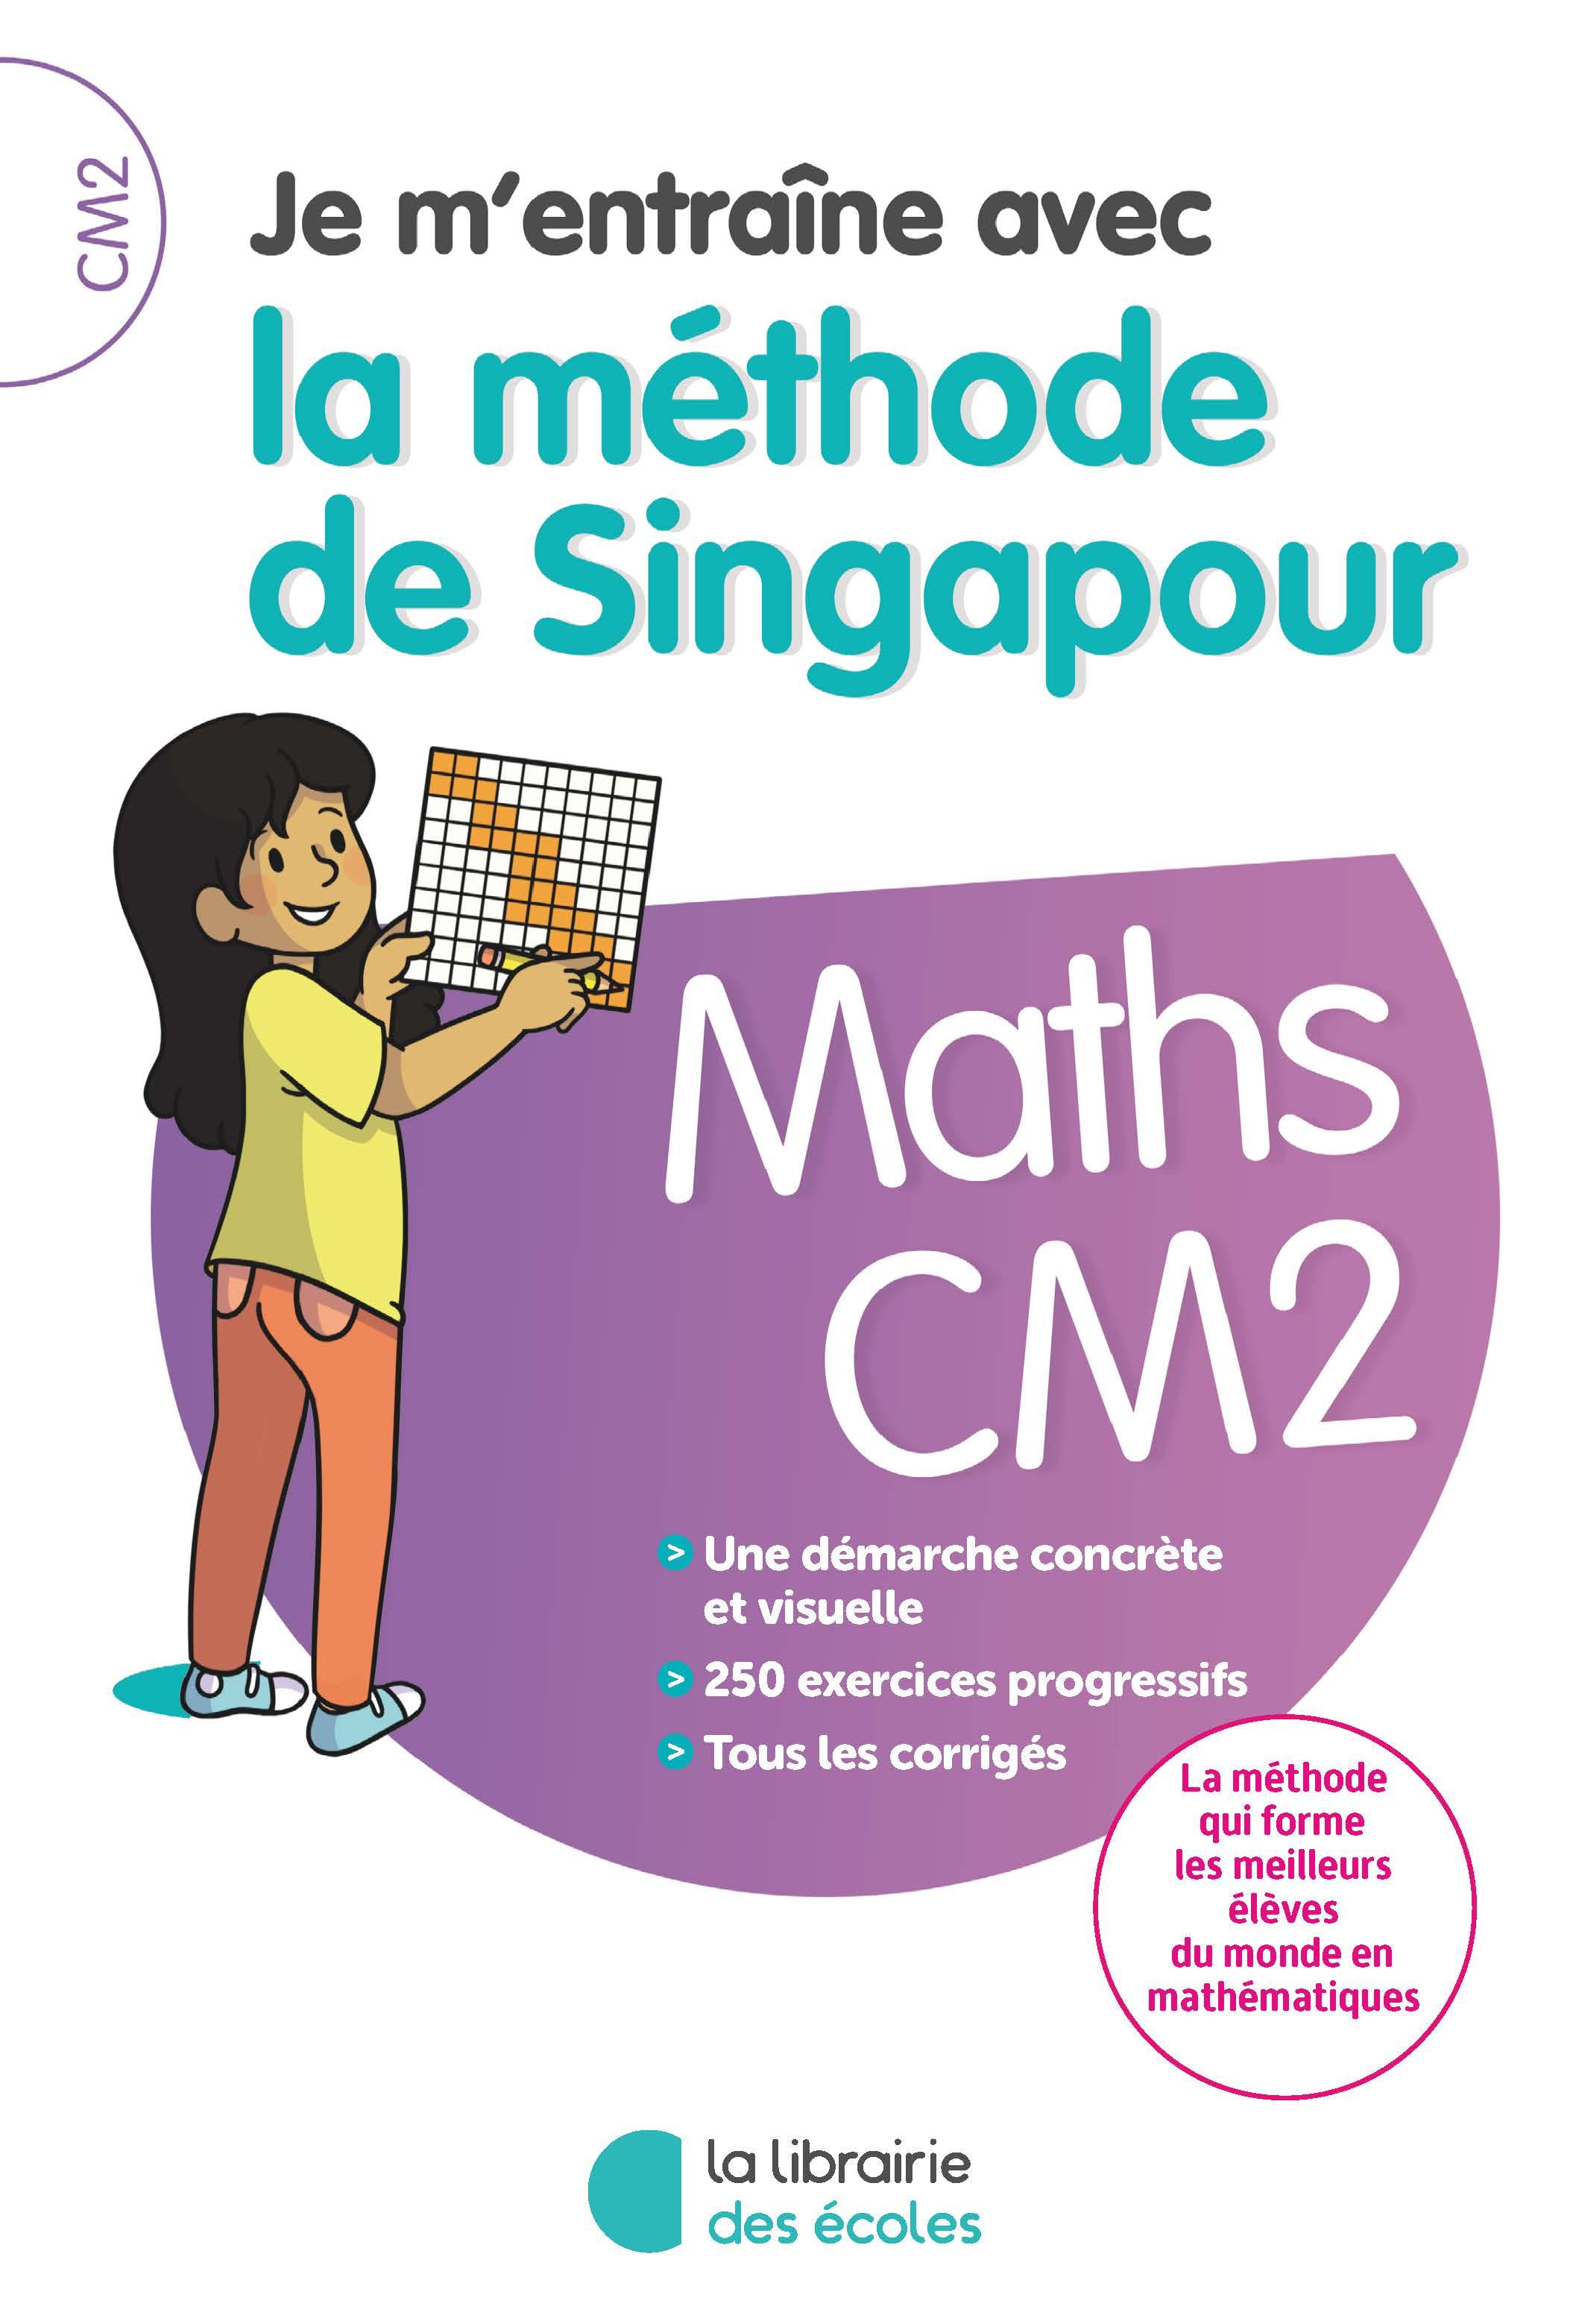 e m'entraîne avec la méthode de Singapour CM1